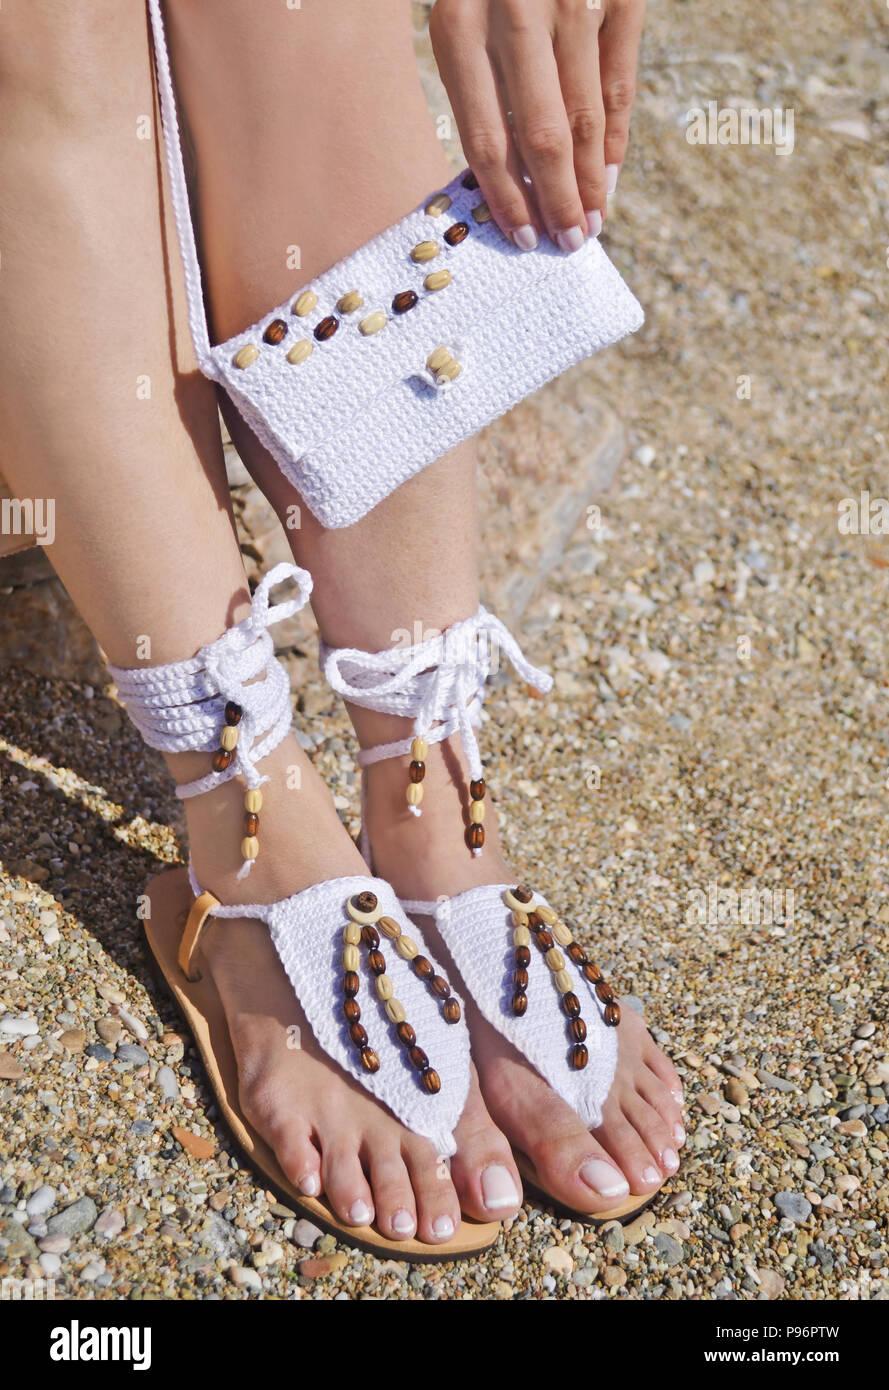 Griechische Sandalen aus Leder und weiß Baumwolltasche